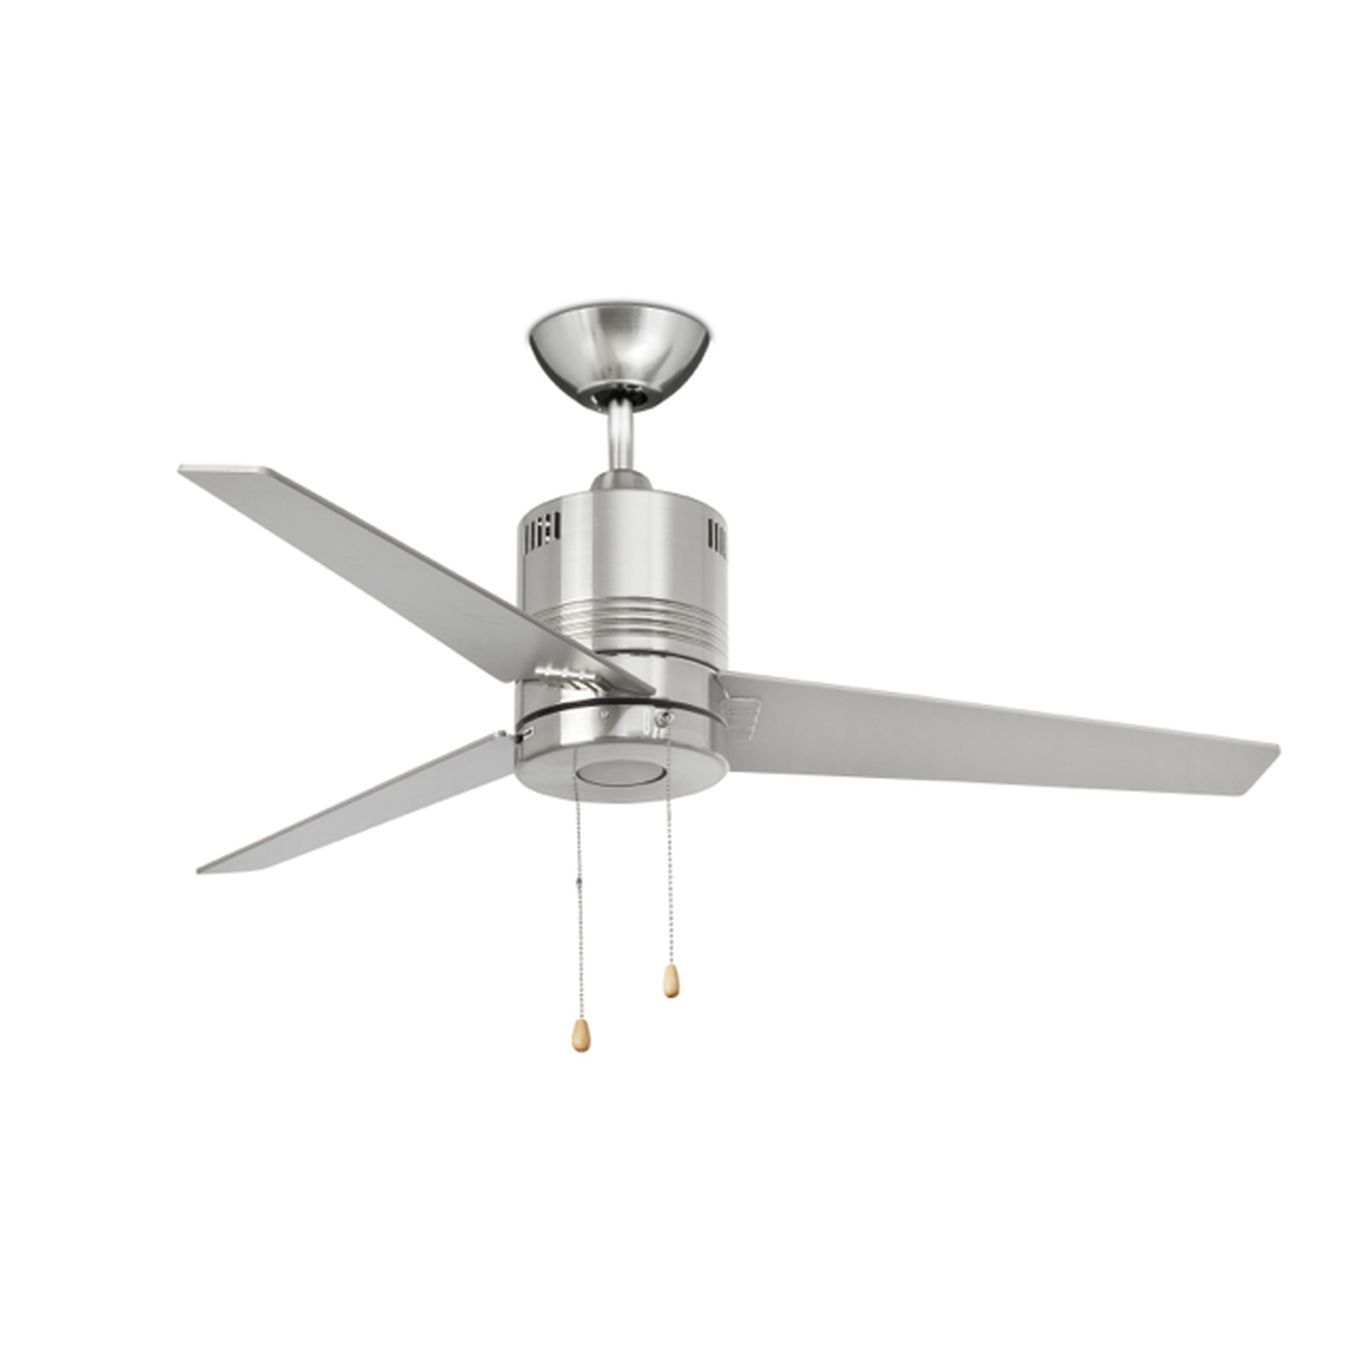 Leroy Merlin Ventilador De Techo Albatros Precio 149 Euros  ~ Ventiladores De Techo Con Luz El Corte Ingles